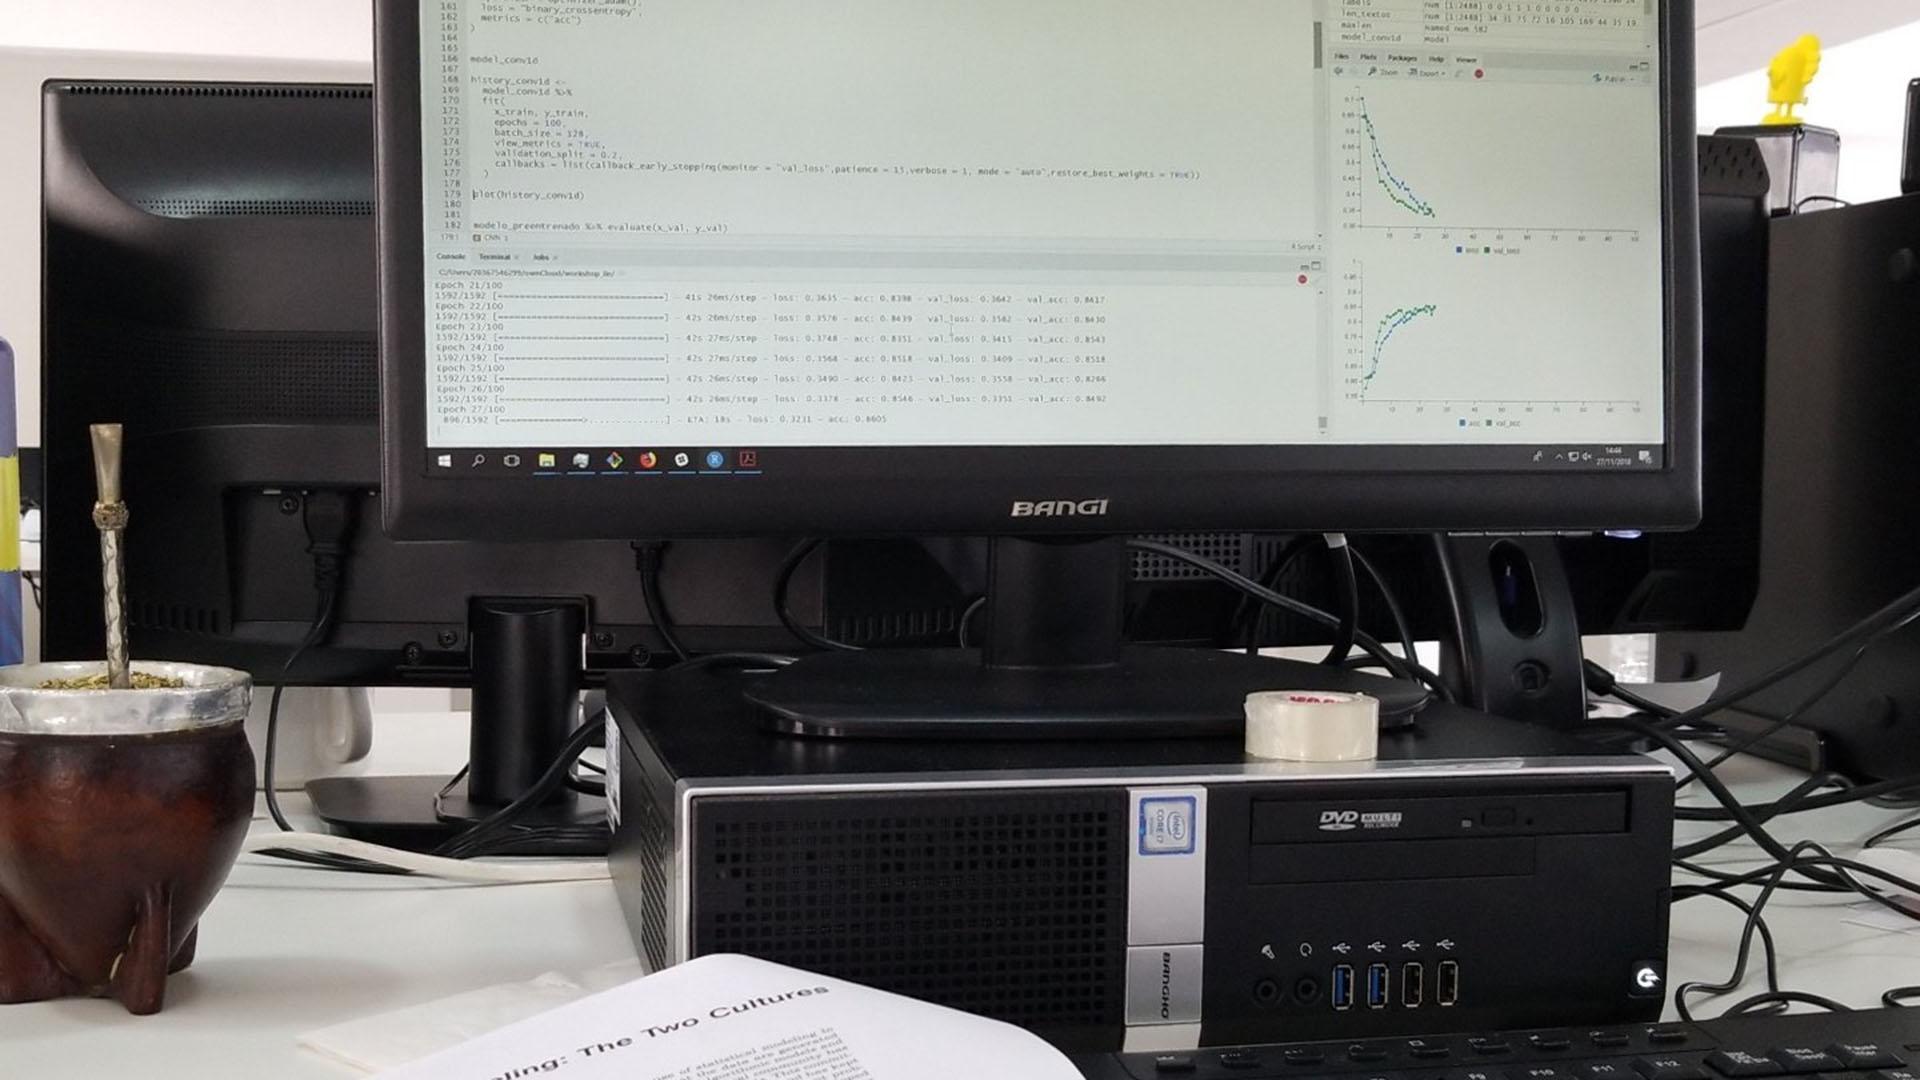 Gráficos, fórmulas y datos en la computadora de Diego Kozlowski.